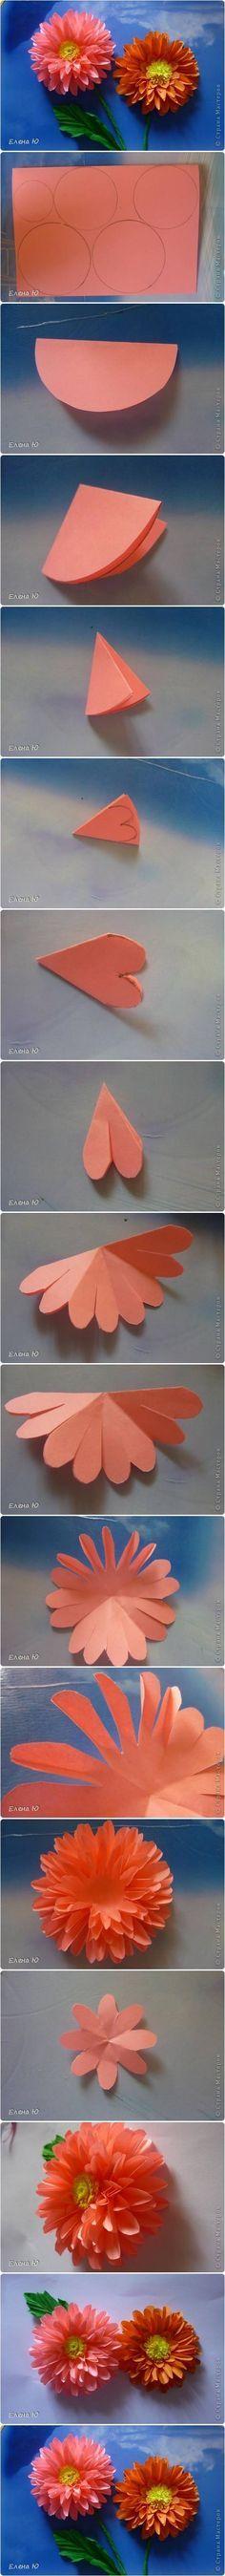 How to Make Paper Dahlias #craft #paper #flower